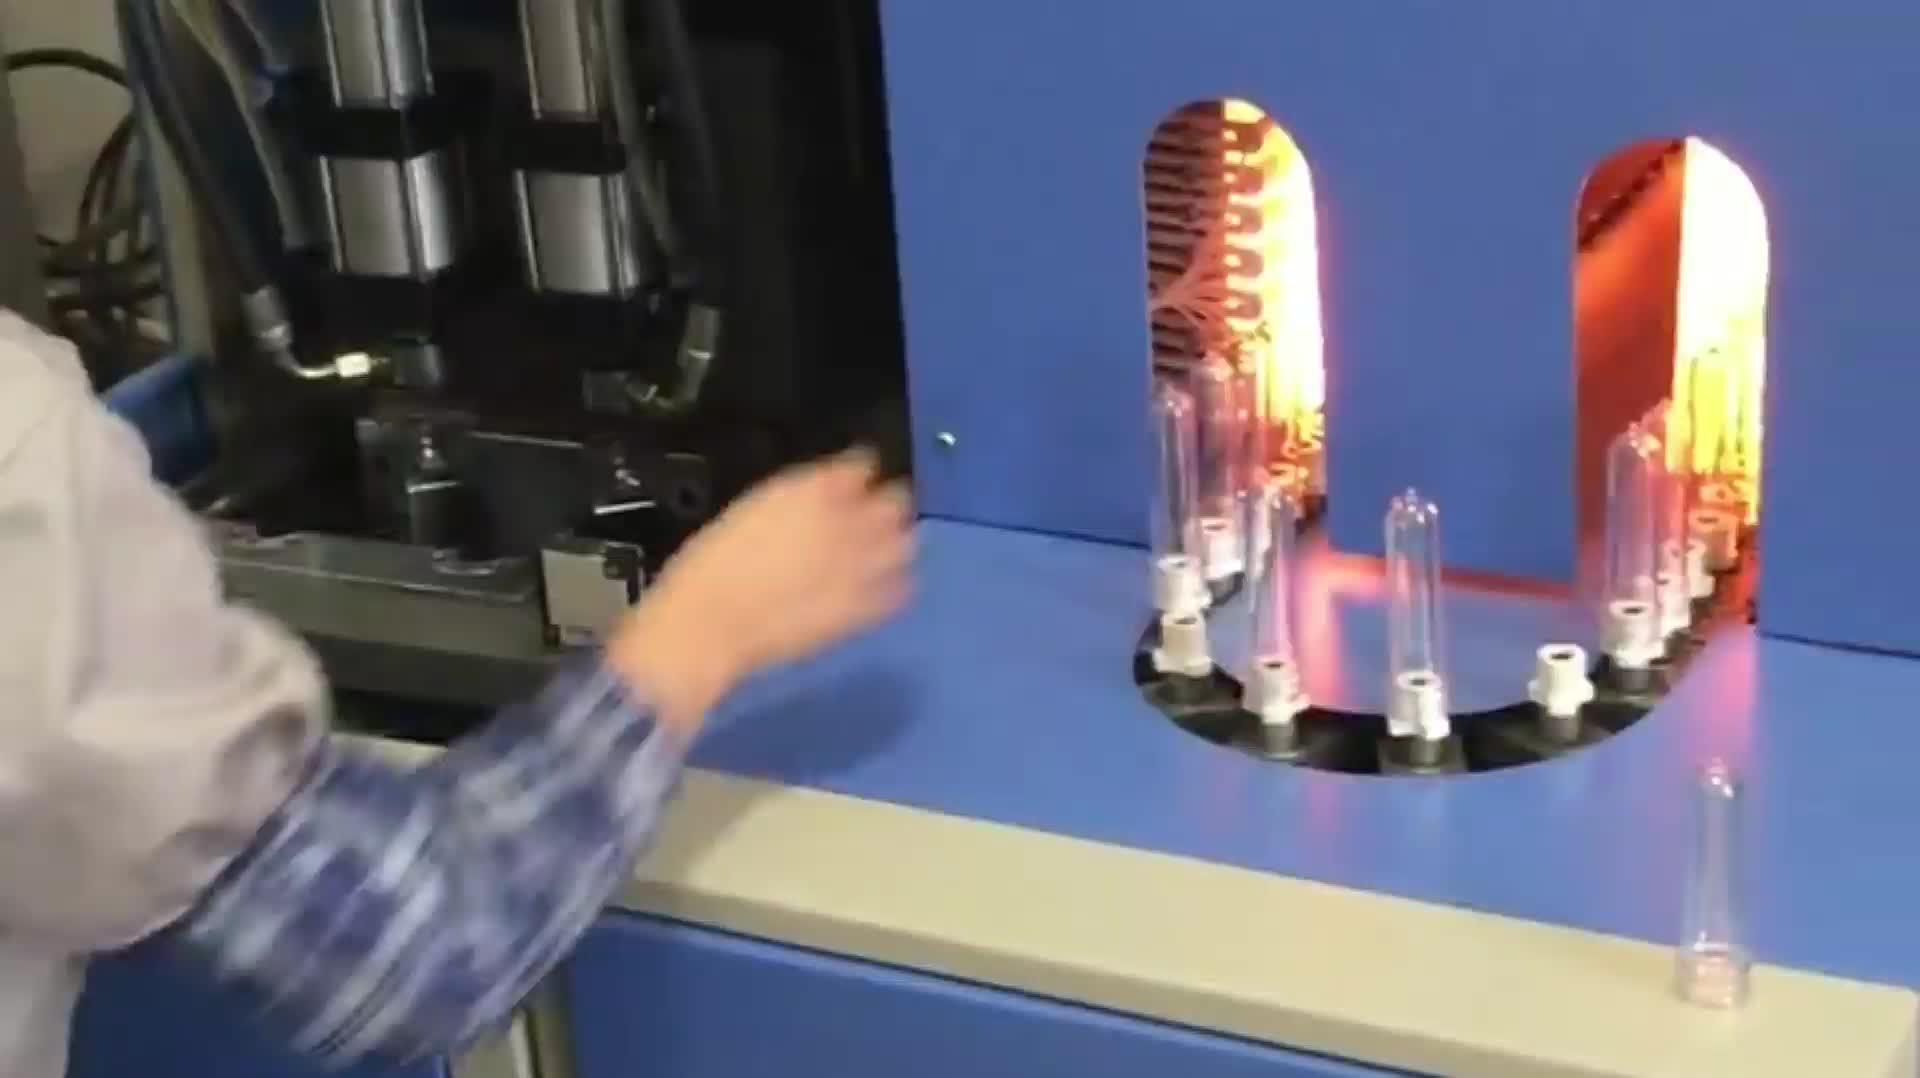 กึ่งอัตโนมัติ Ps Pe Pp Pet พลาสติกเครื่องดื่มน้ำมันเครื่องสำอางขวดน้ำทำให้ยืดเครื่องเป่า